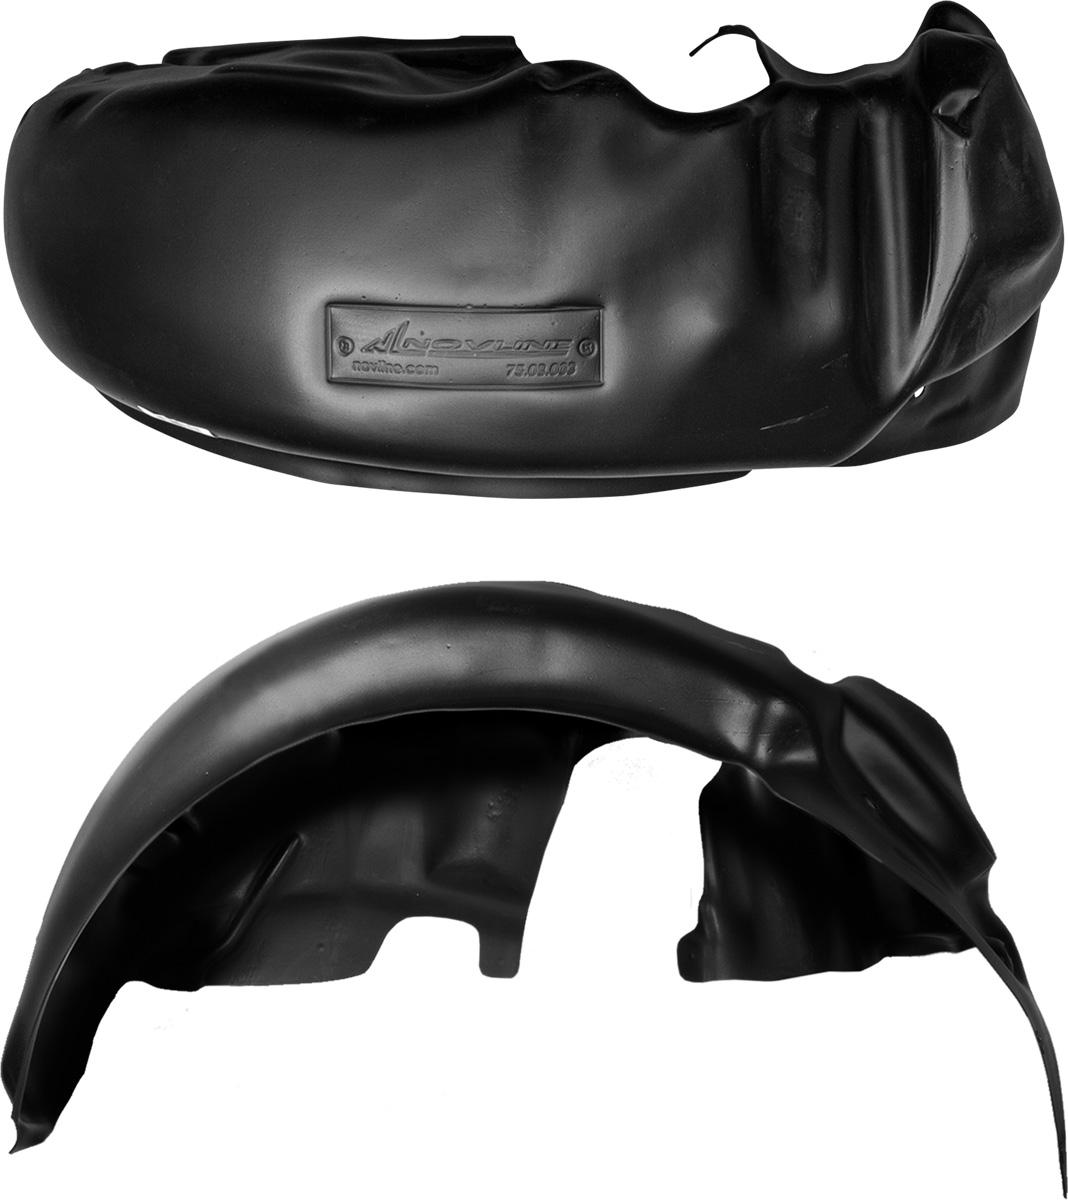 Подкрылок Novline-Autofamily, для Ford Transit 2006-2014, передний левыйNLL.16.21.001Колесные ниши - одни из самых уязвимых зон днища вашего автомобиля. Они постоянно подвергаются воздействию со стороны дороги. Лучшая, почти абсолютная защита для них - специально отформованные пластиковые кожухи, которые называются подкрылками. Производятся они как для отечественных моделей автомобилей, так и для иномарок. Подкрылки Novline-Autofamily выполнены из высококачественного, экологически чистого пластика. Обеспечивают надежную защиту кузова автомобиля от пескоструйного эффекта и негативного влияния, агрессивных антигололедных реагентов. Пластик обладает более низкой теплопроводностью, чем металл, поэтому в зимний период эксплуатации использование пластиковых подкрылков позволяет лучше защитить колесные ниши от налипания снега и образования наледи. Оригинальность конструкции подчеркивает элегантность автомобиля, бережно защищает нанесенное на днище кузова антикоррозийное покрытие и позволяет осуществить крепление подкрылков внутри колесной арки практически без дополнительного крепежа и сверления, не нарушая при этом лакокрасочного покрытия, что предотвращает возникновение новых очагов коррозии. Подкрылки долговечны, обладают высокой прочностью и сохраняют заданную форму, а также все свои физико-механические характеристики в самых тяжелых климатических условиях (от -50°С до +50°С).Уважаемые клиенты!Обращаем ваше внимание, на тот факт, что подкрылок имеет форму, соответствующую модели данного автомобиля. Фото служит для визуального восприятия товара.